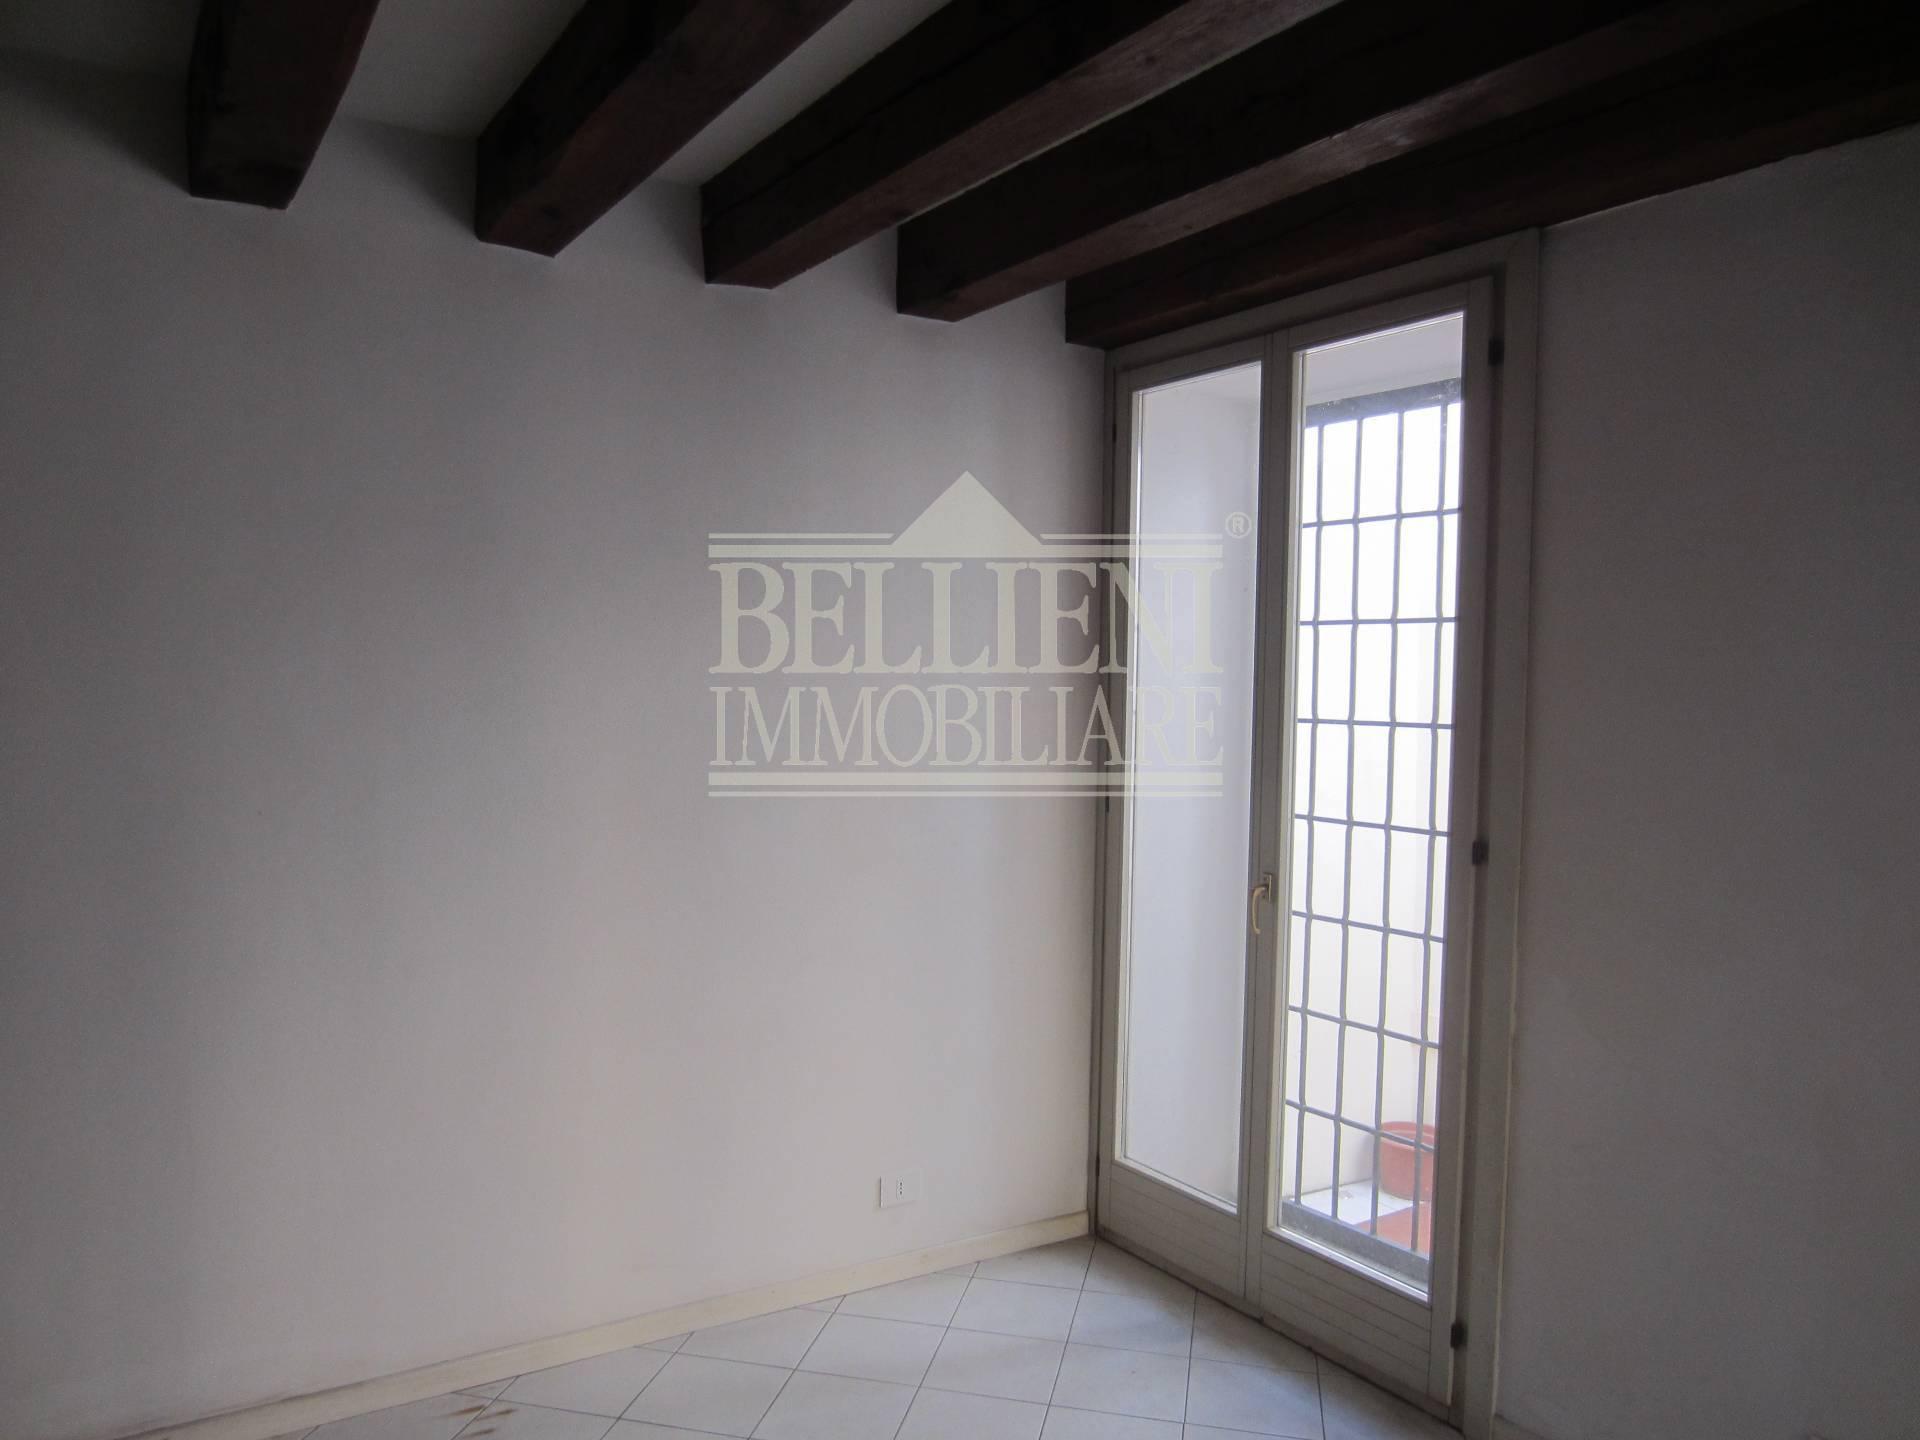 Mini in vendita a vicenza cod m109 for Mini appartamenti arredati vicenza